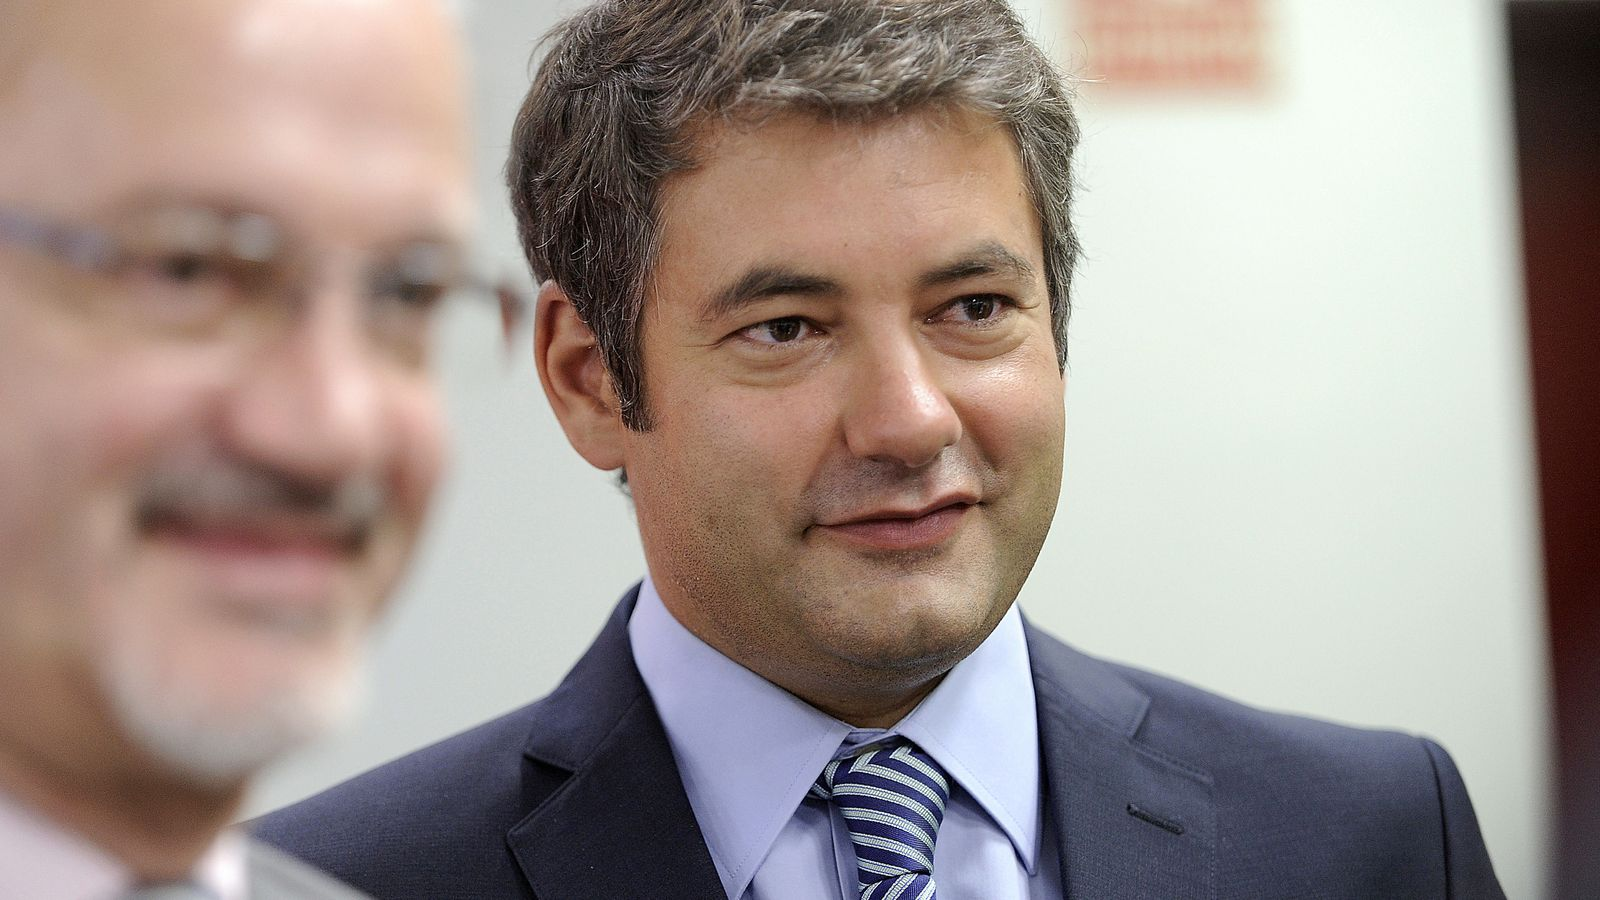 Foto: Julio Somoano, uno de los rostros más conocidos de TVE.